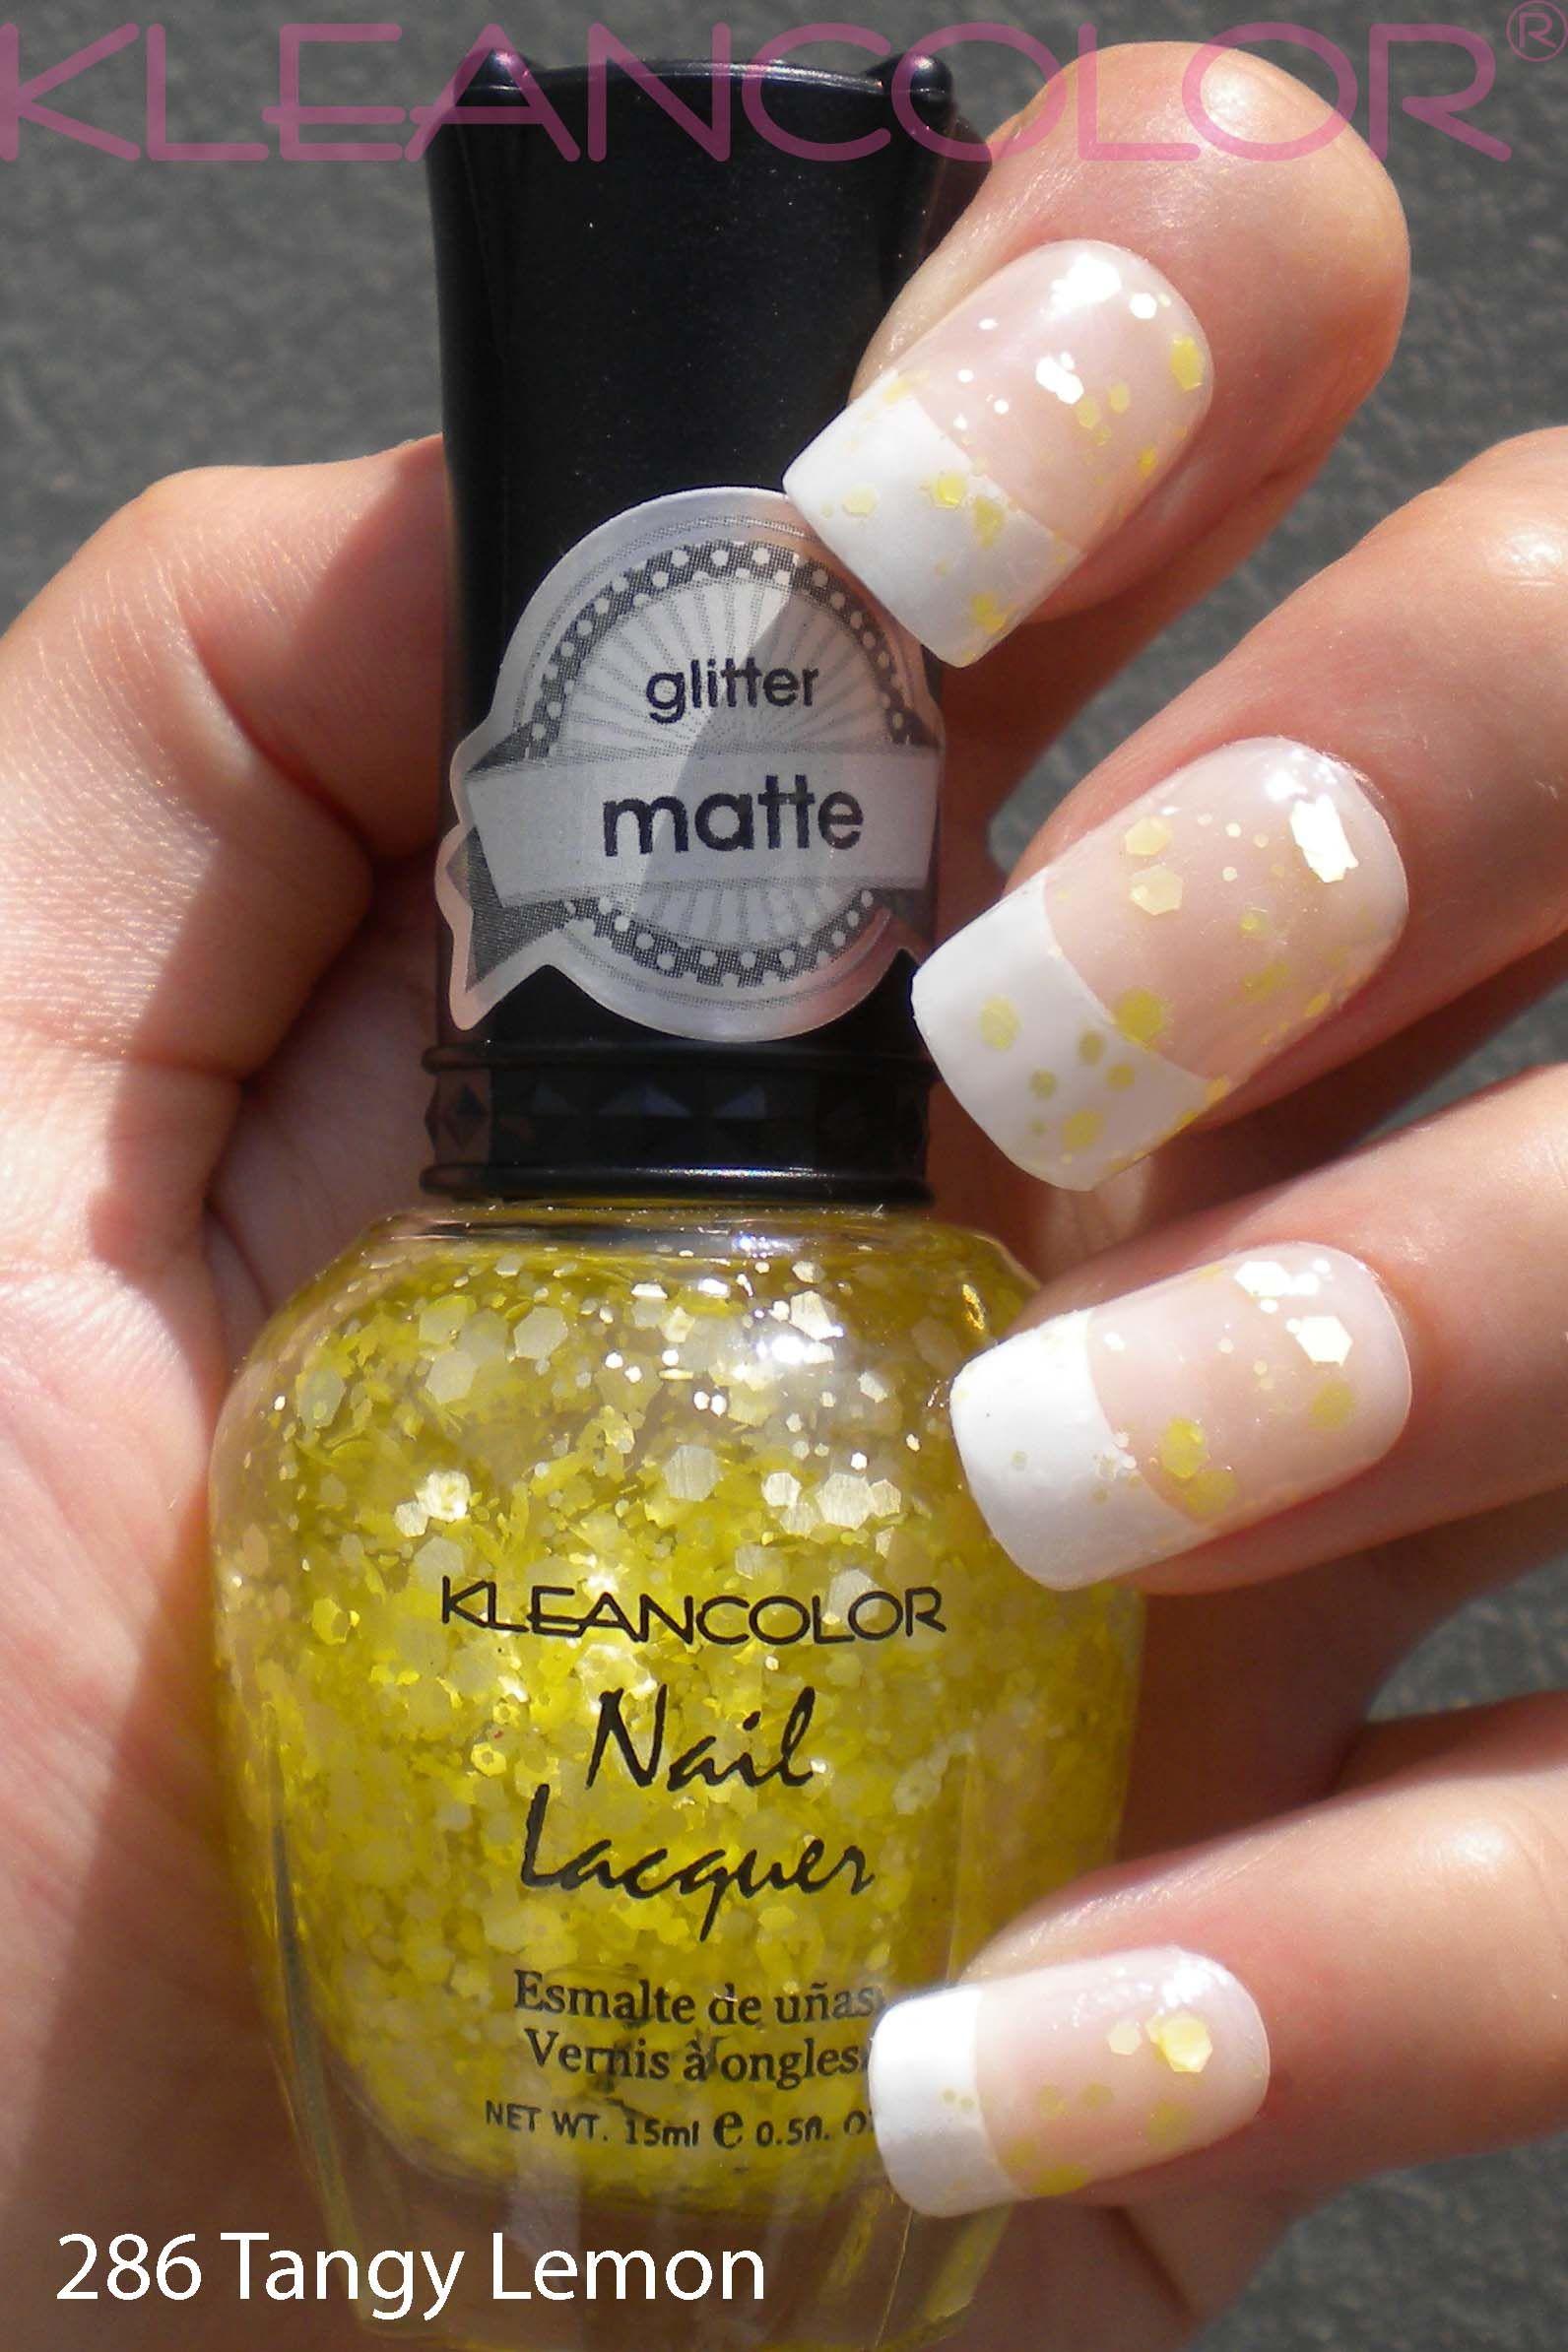 KleanColor 286 Tangy Lemon, glitter matte | #nailpolish #stash ...